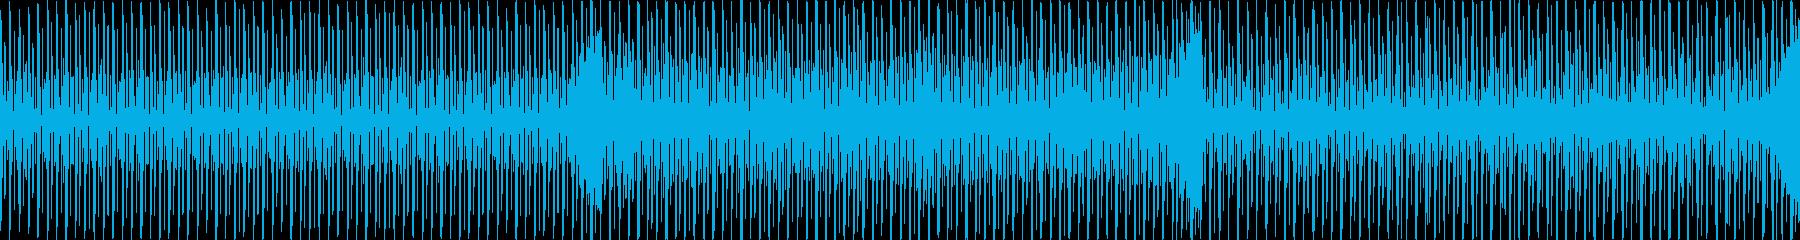 クイズ番組のシンキングタイム/ループ可能の再生済みの波形